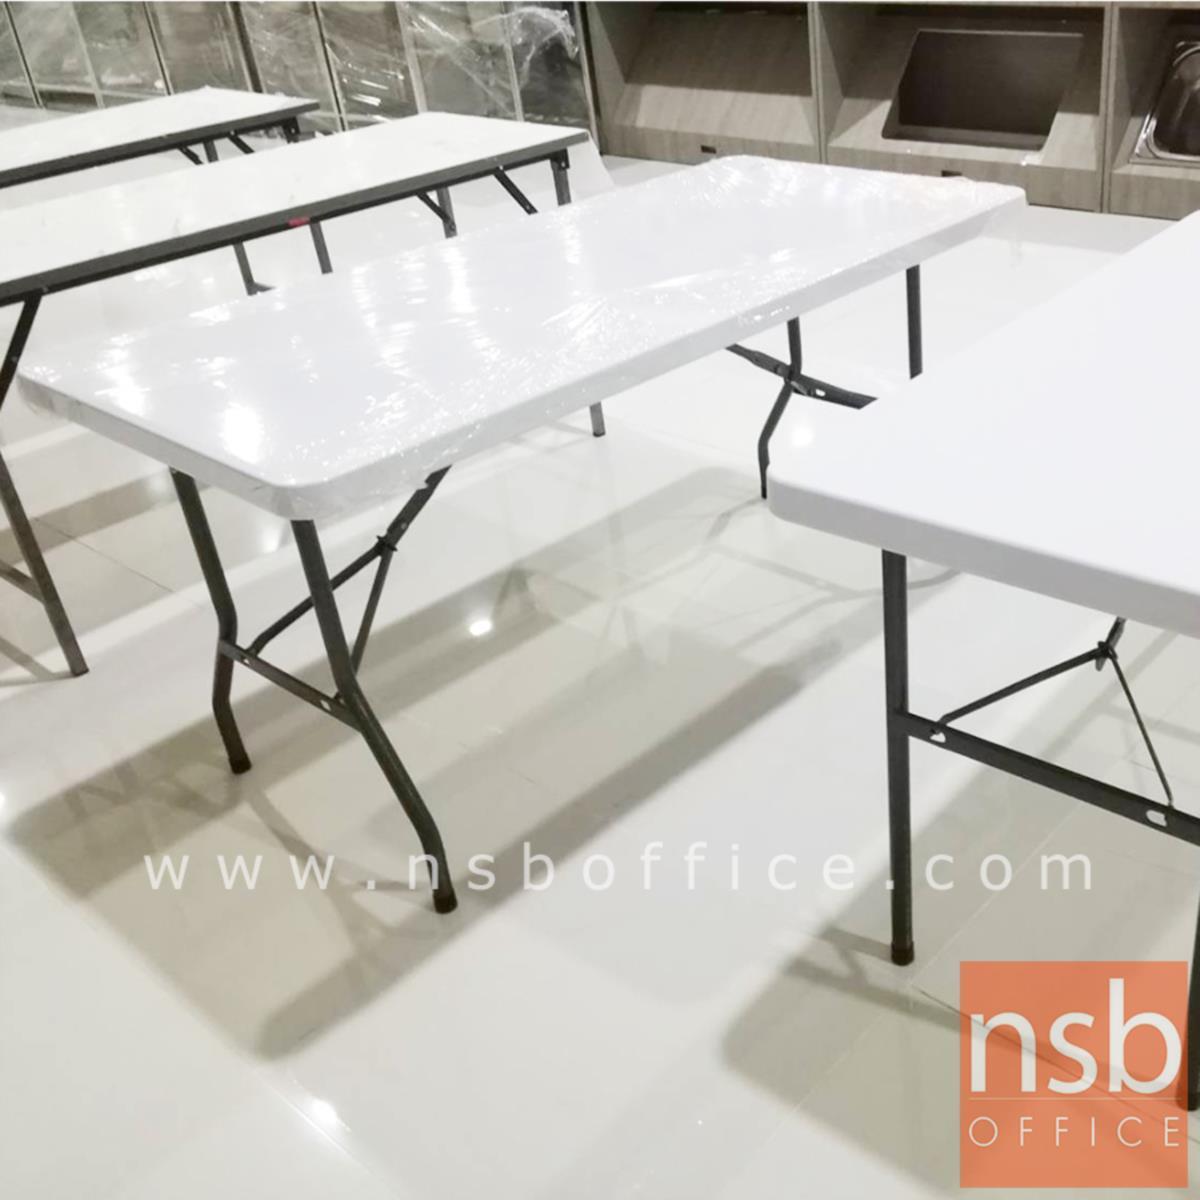 โต๊ะพับหน้าพลาสติก รุ่น Newland (นิวแลนด์) ขนาด 152W ,182W cm.  โครงเหล็ก